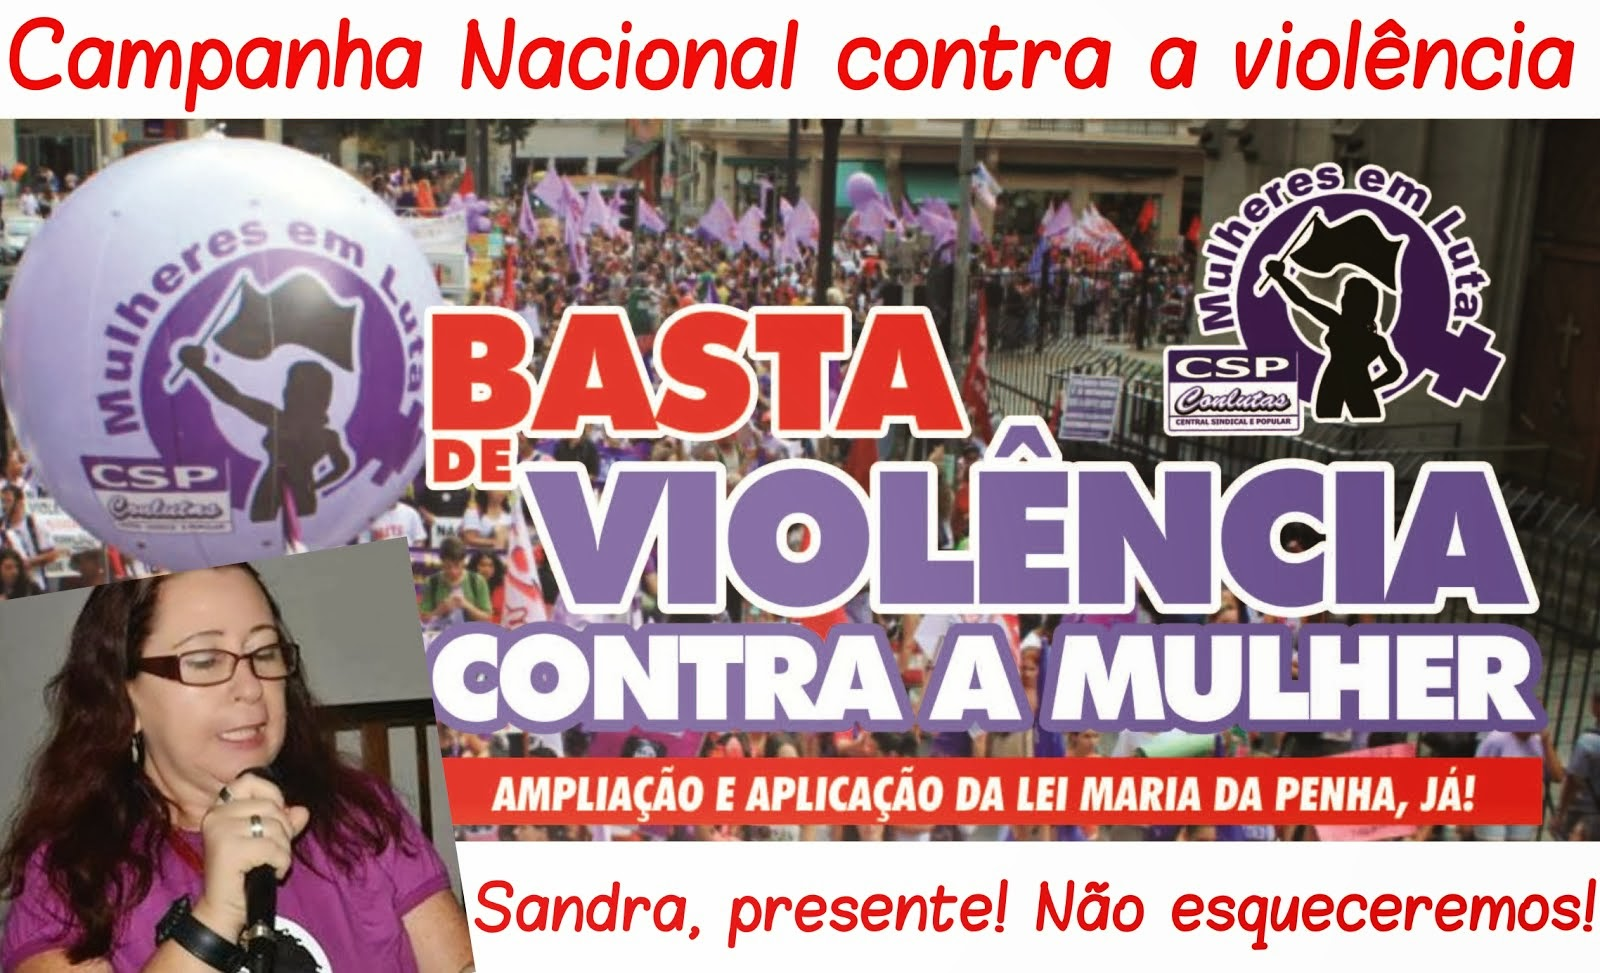 Campanha Nacional contra a violência à mulher trabalhadora